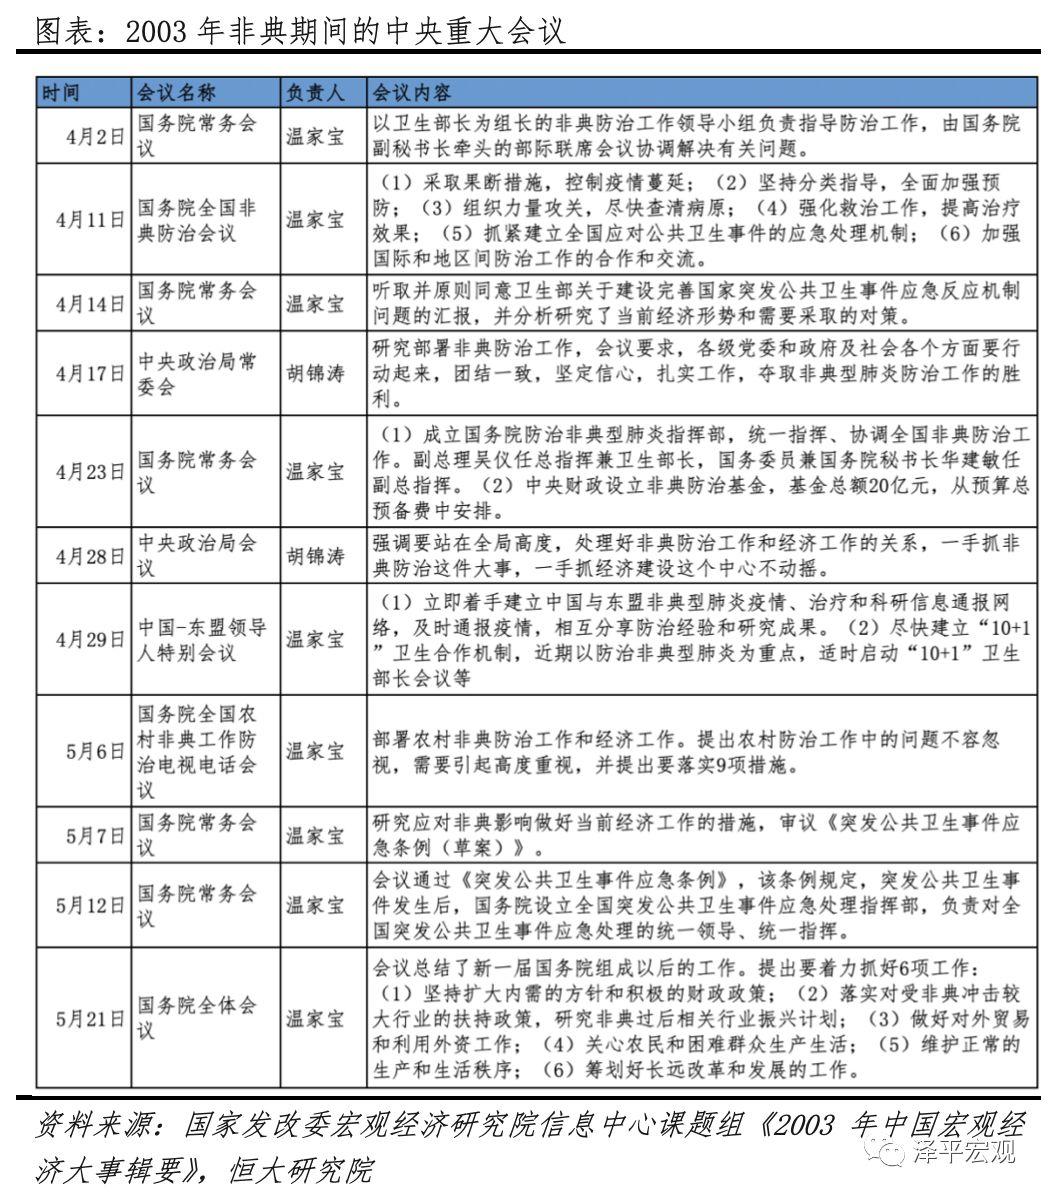 疫情对中国经济的影响分析与政策建议